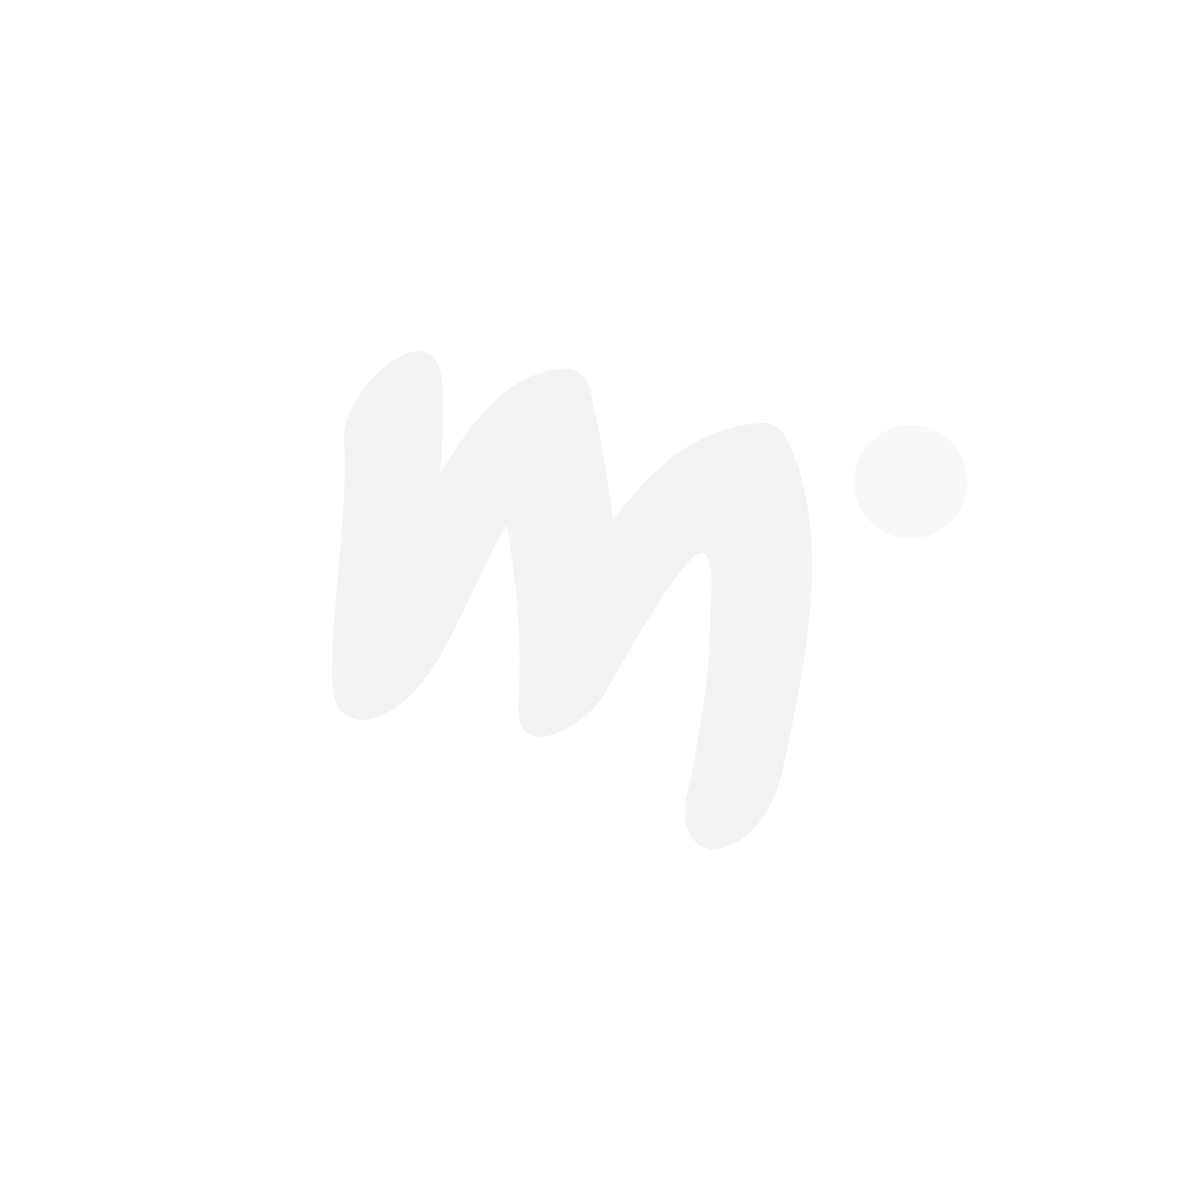 Muumi Aakkoset-pipo keltainen